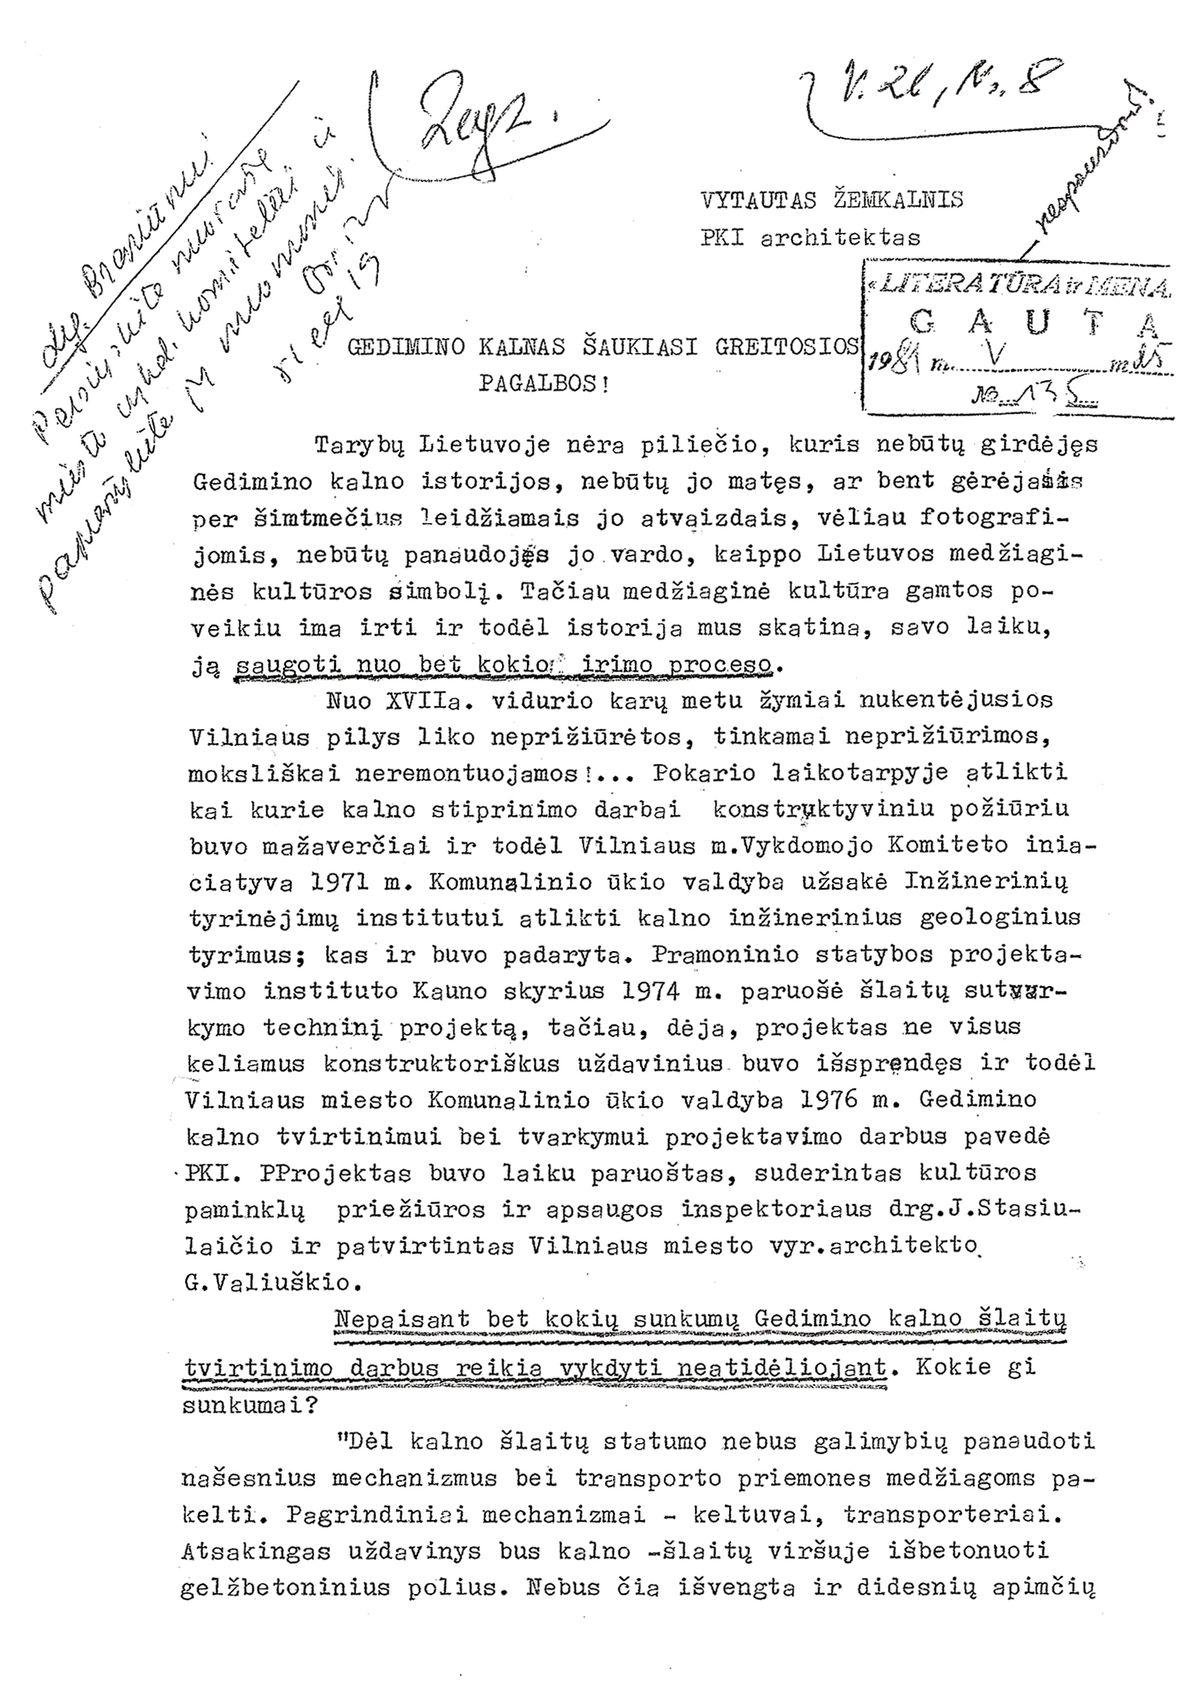 v-zemkalnis_gedimino-kalnas-1_1981